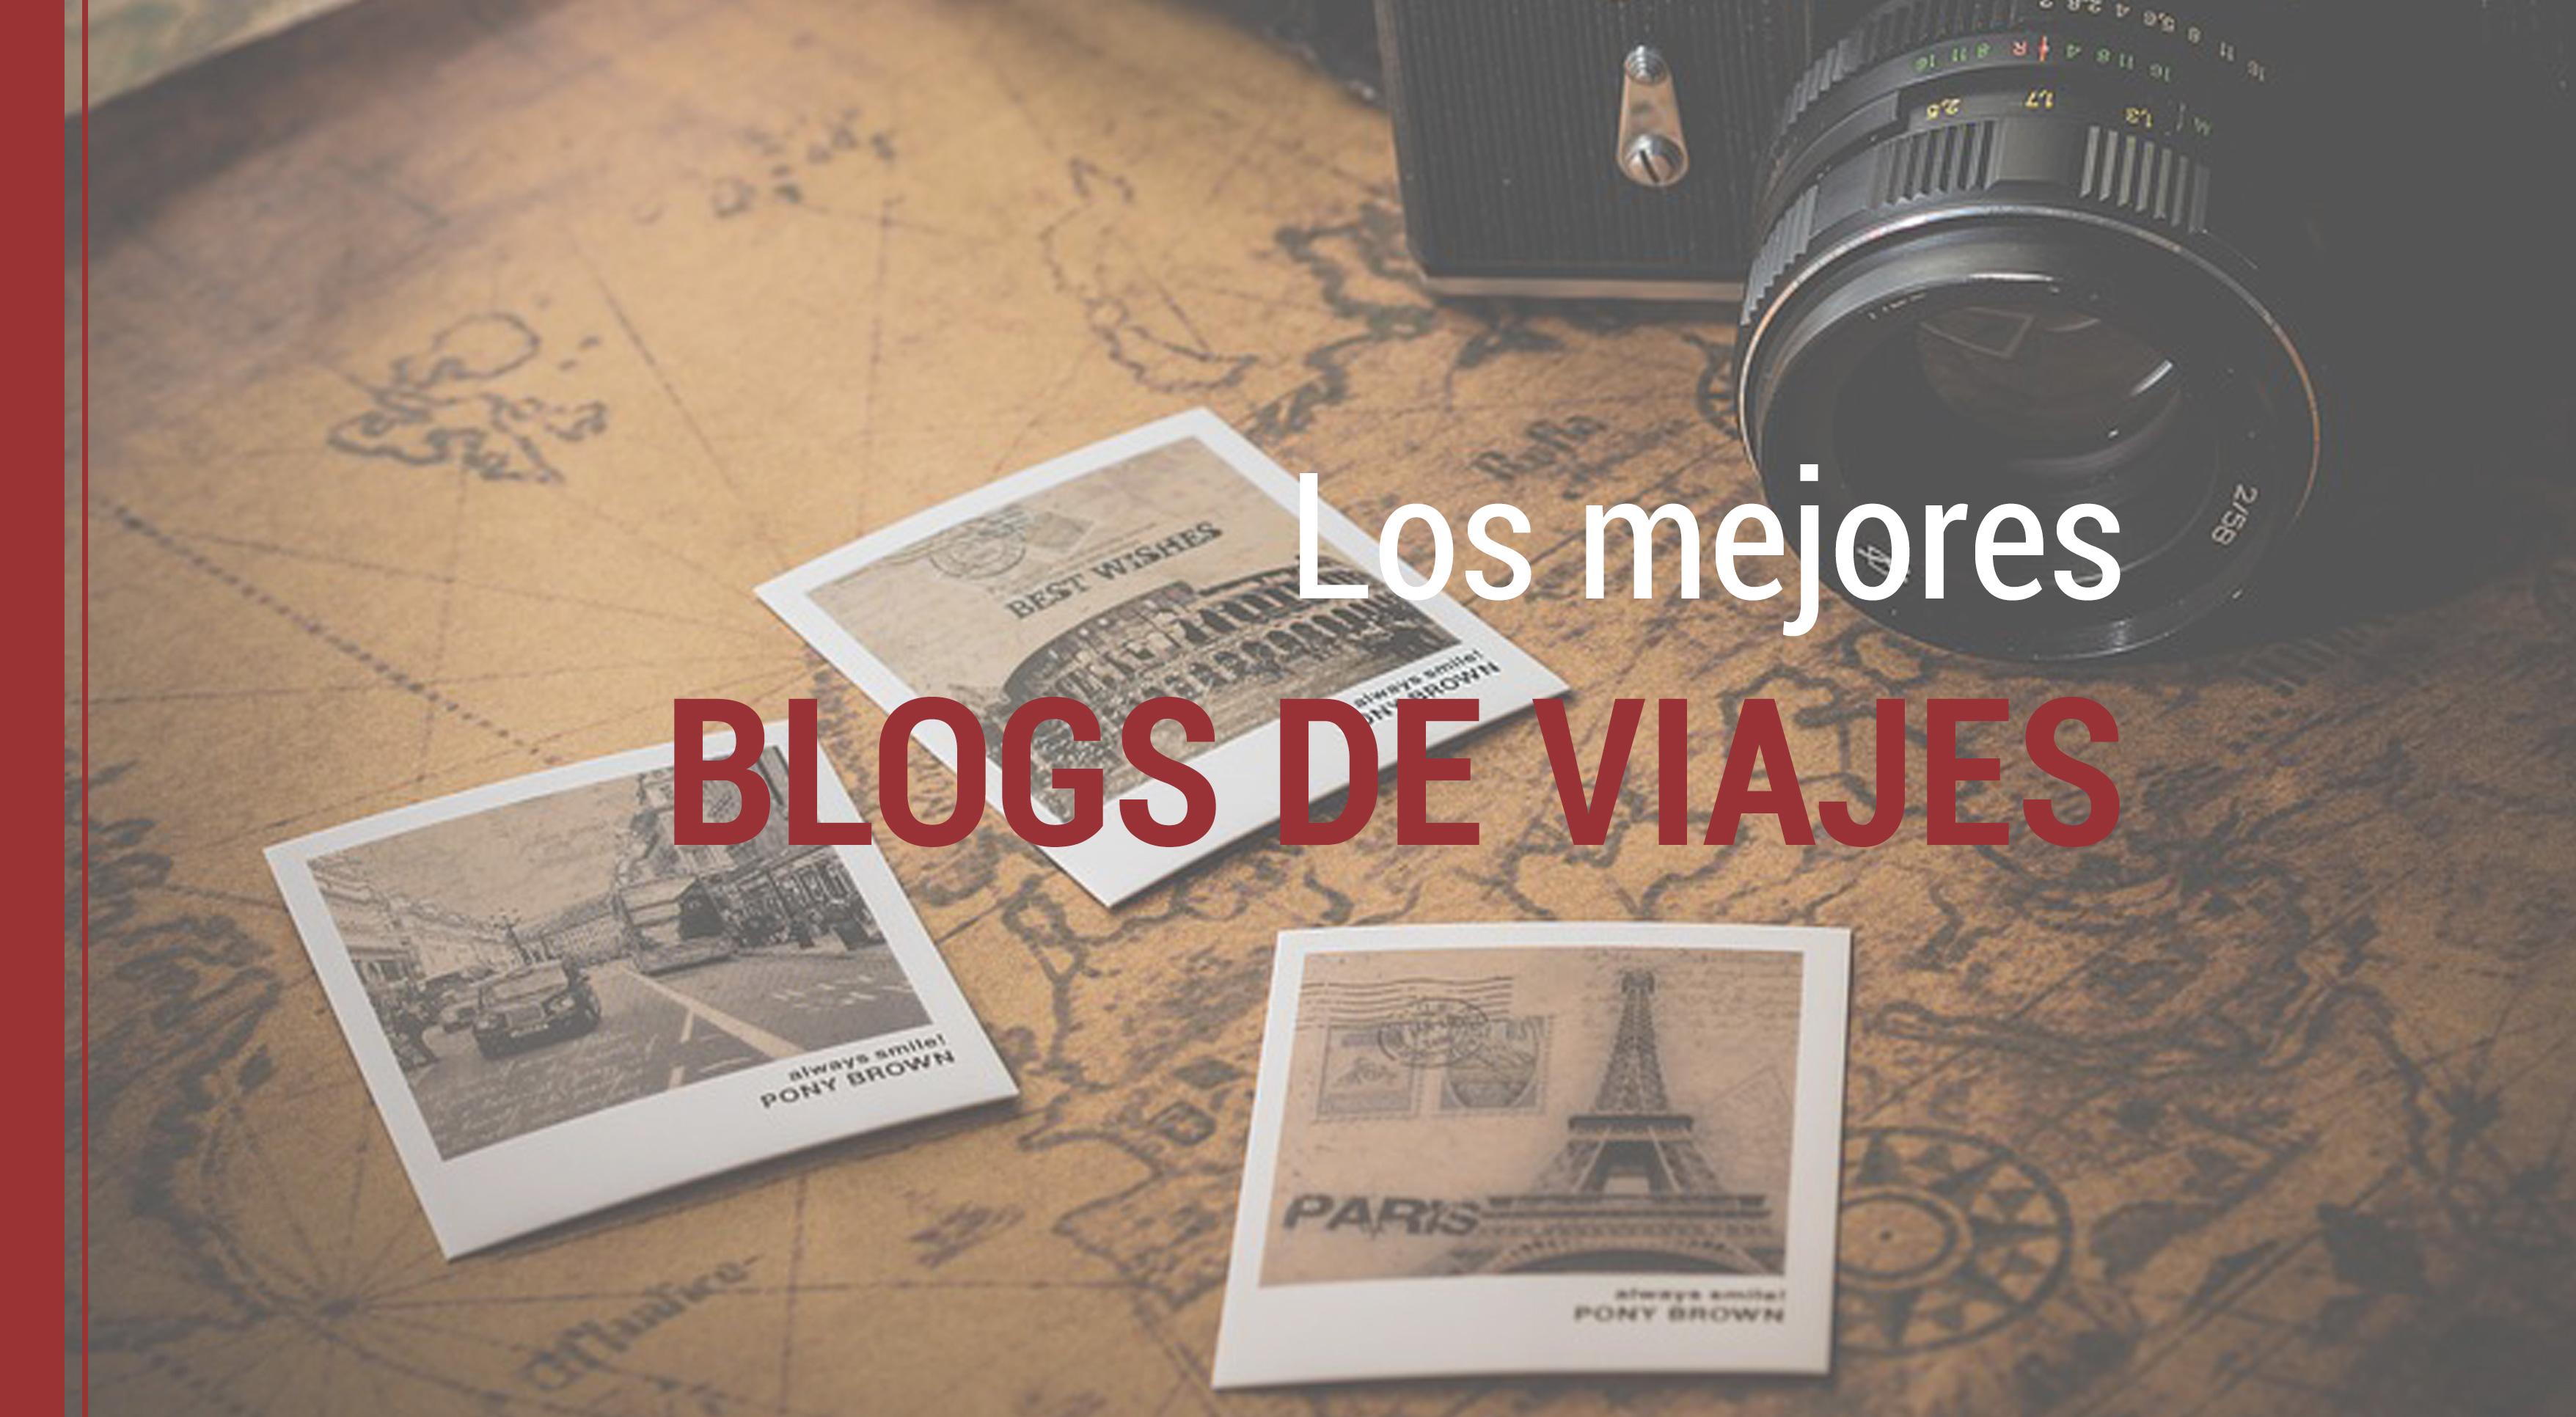 blogs-de-viajes Los mejores blogs de viajes para los amantes del turismo